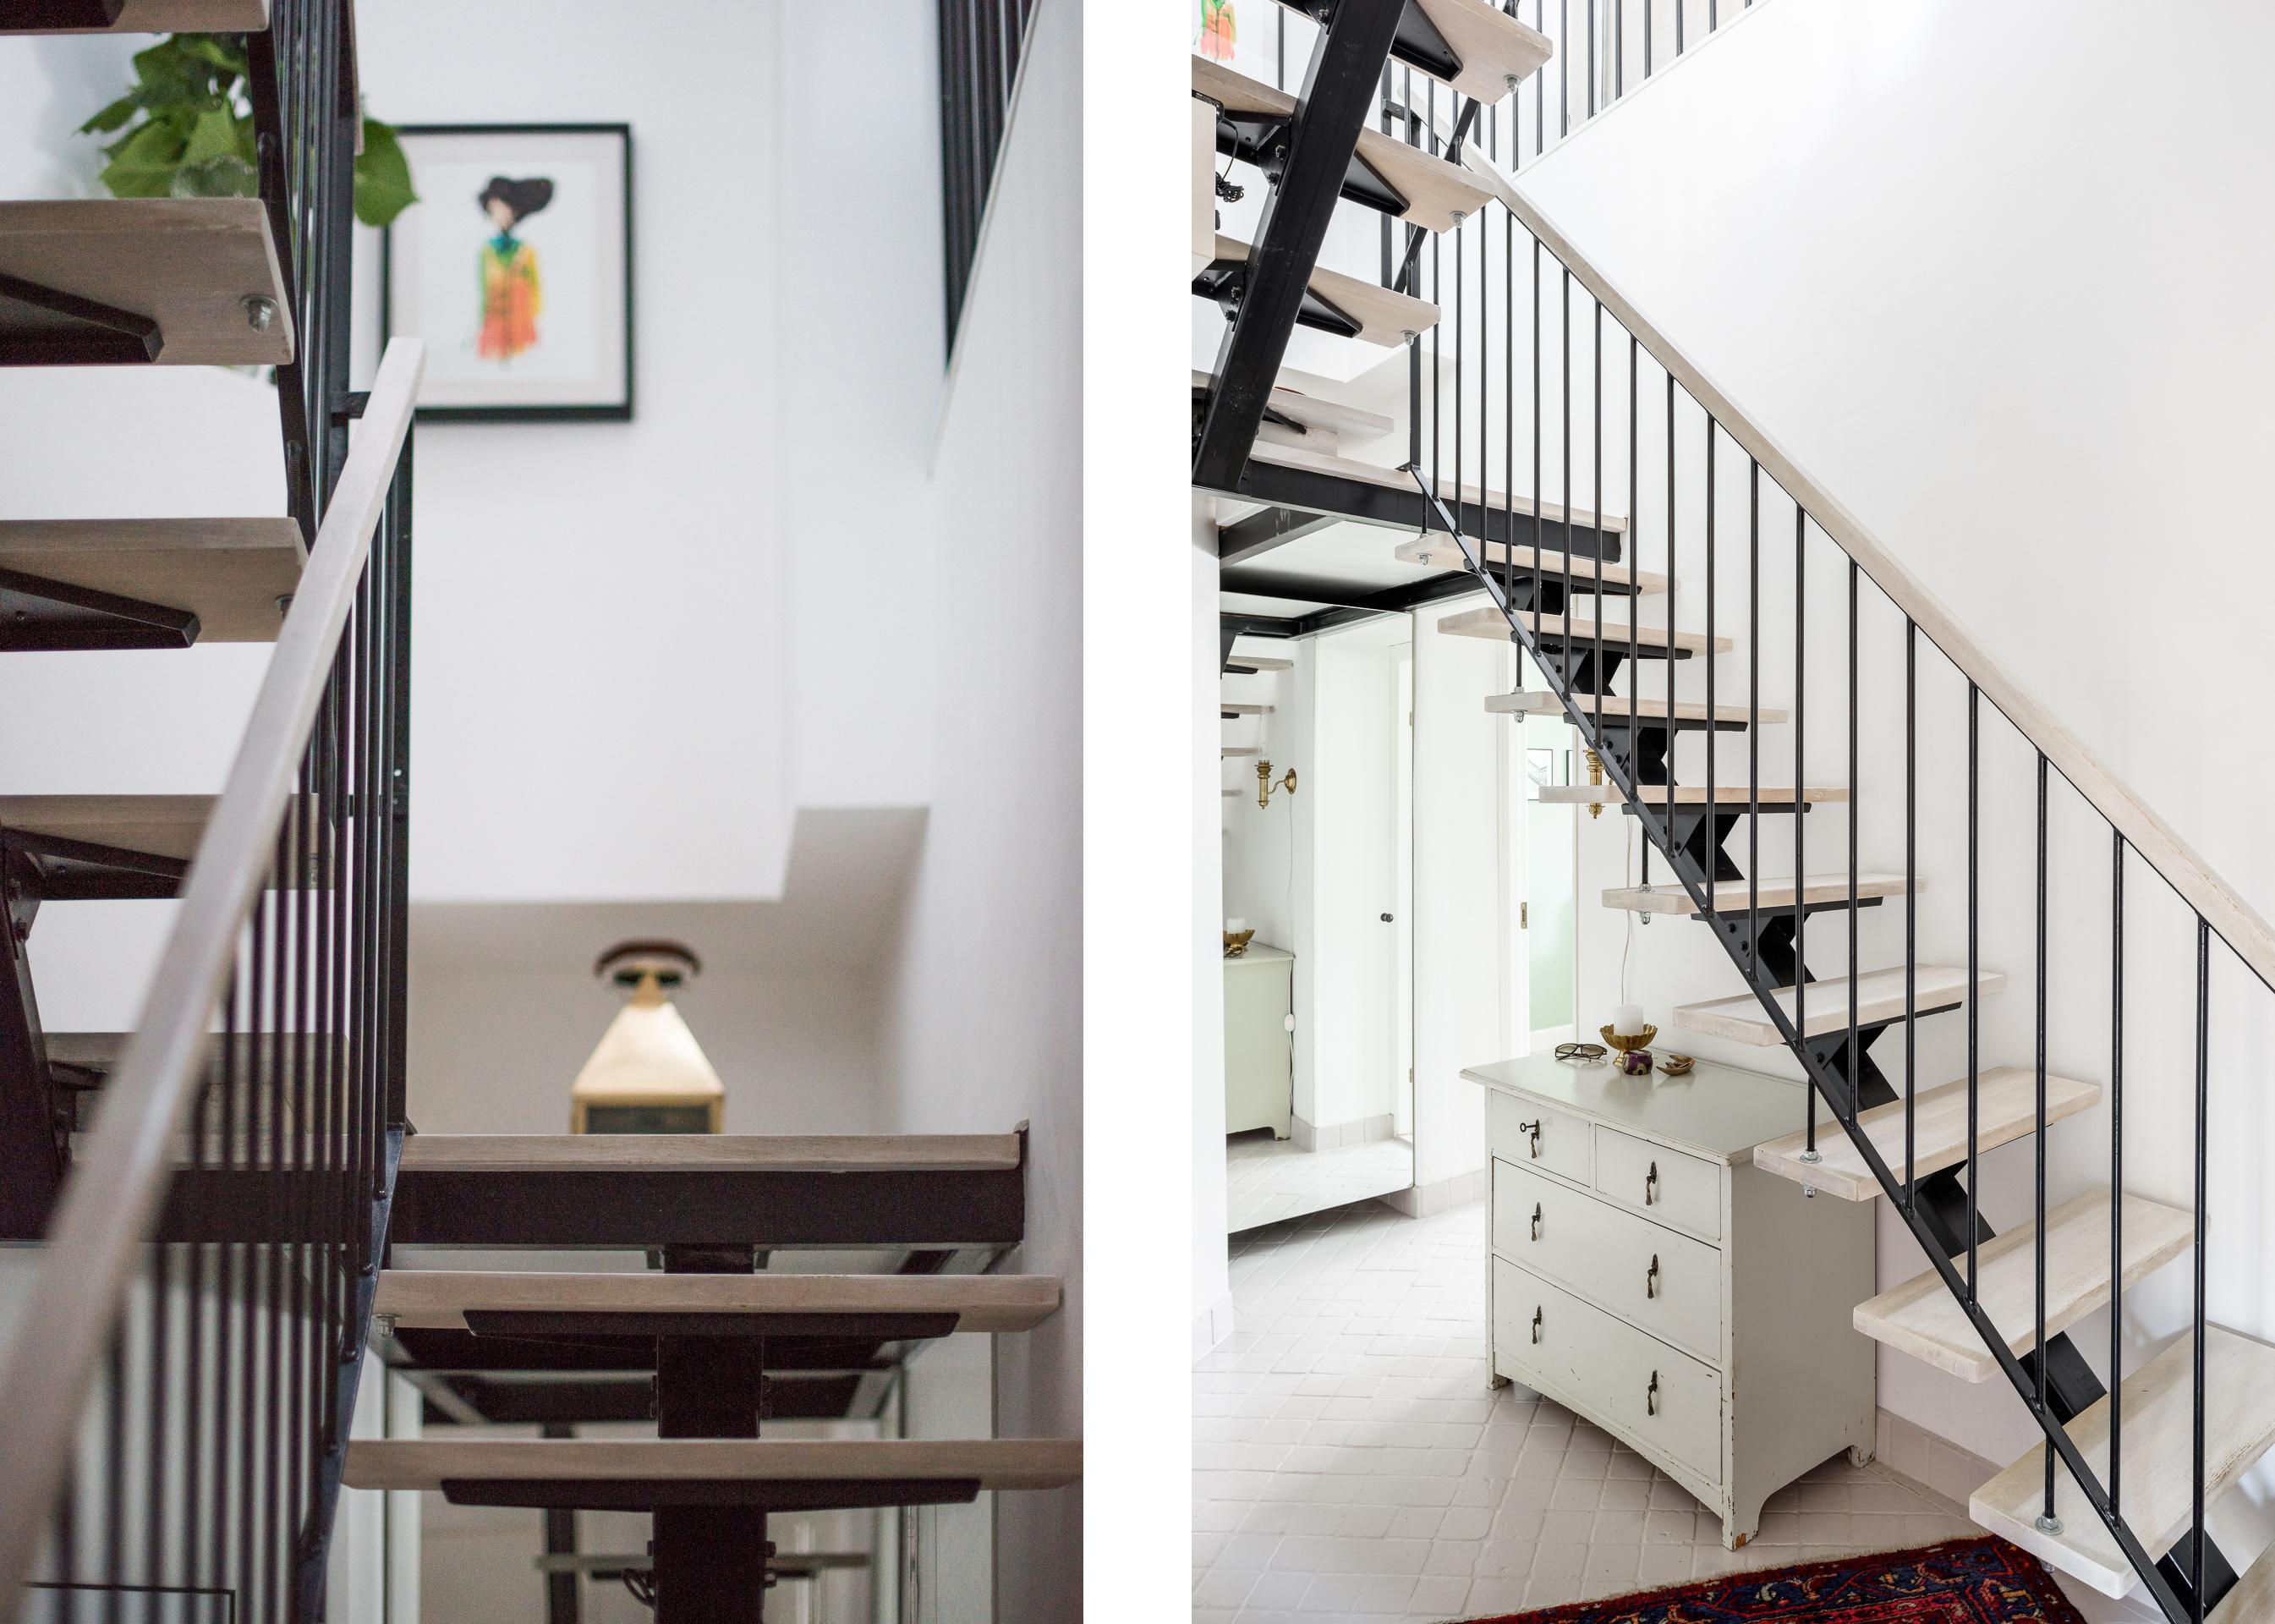 металлическая лестница деревянные перила ступени